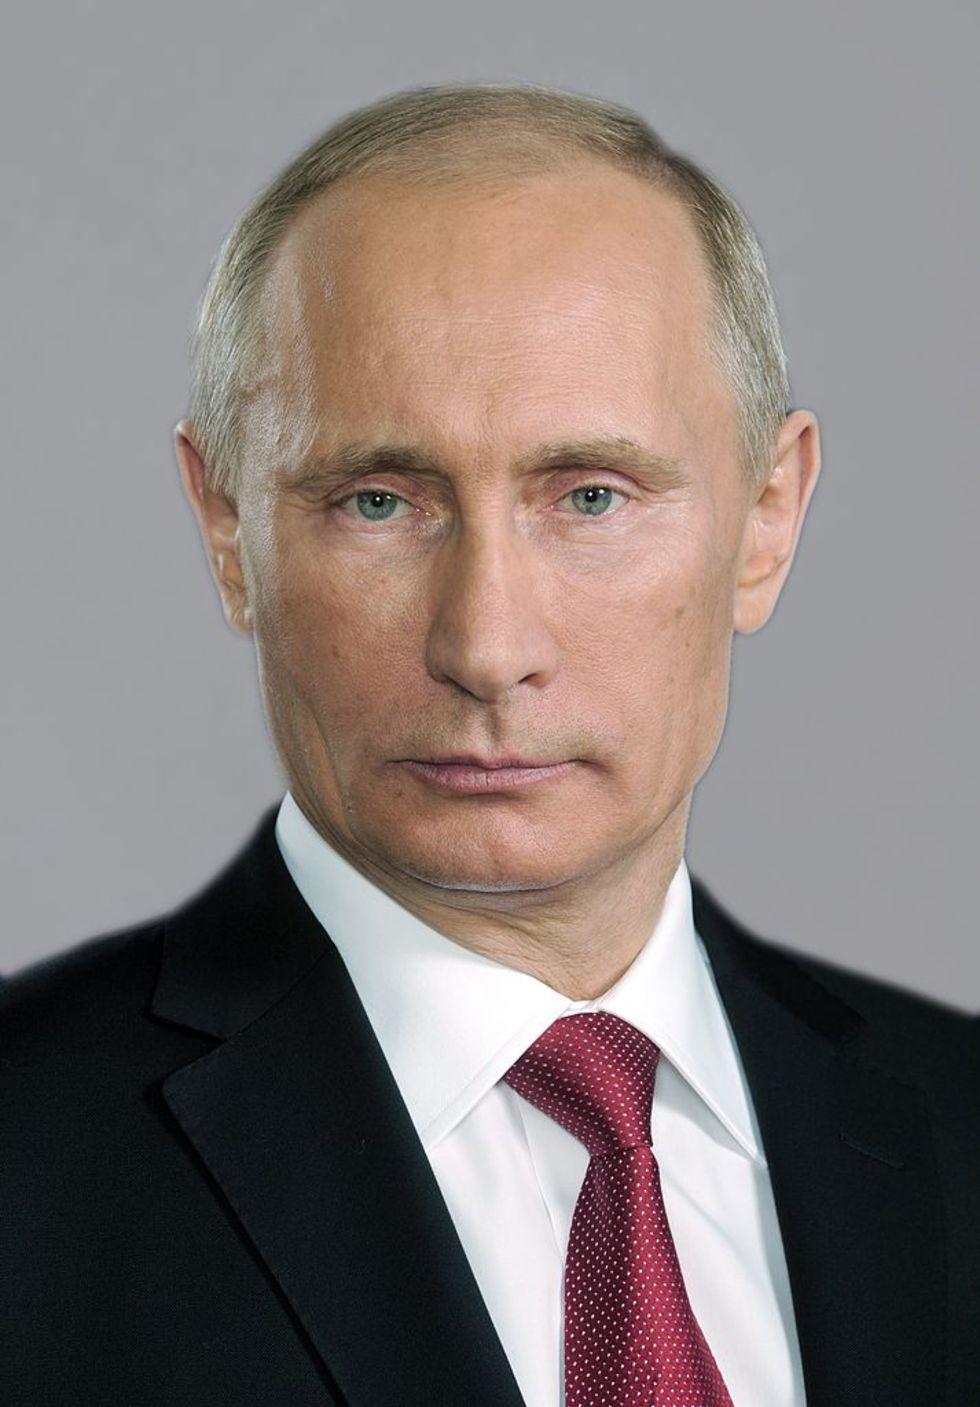 Putin vill kontrollera internet hårdare